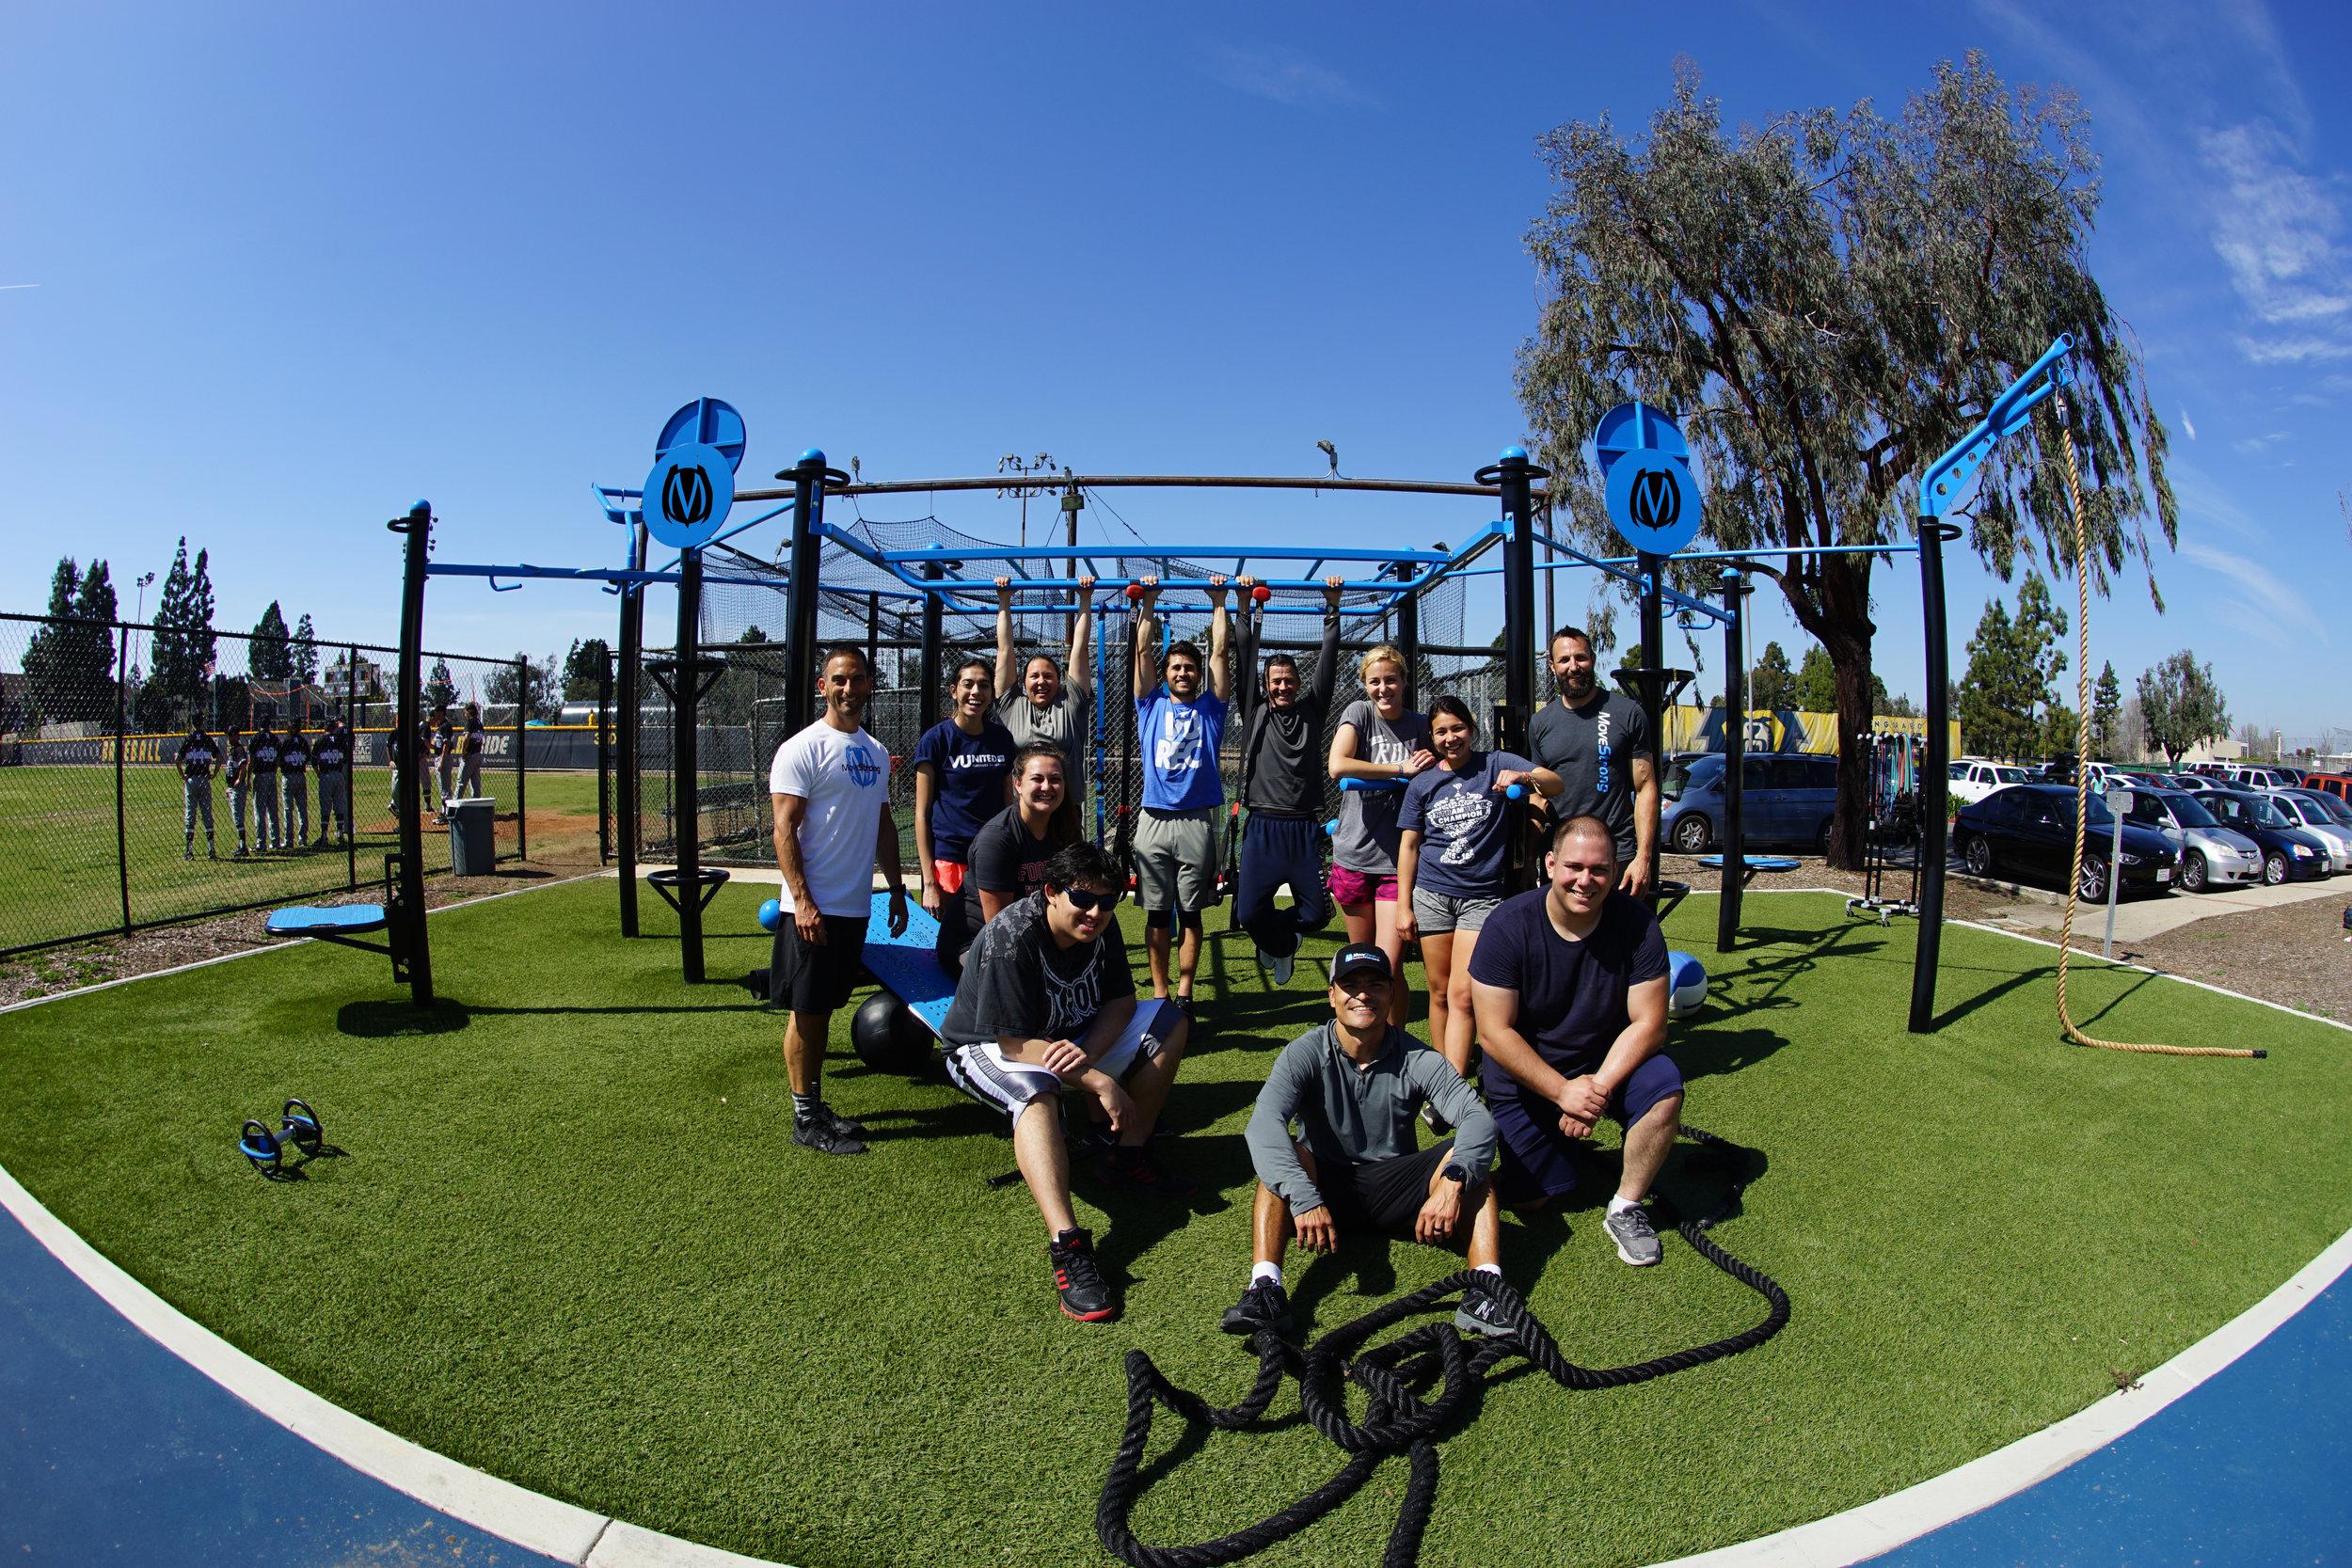 Vanguard University Rec Outdoor Ftness